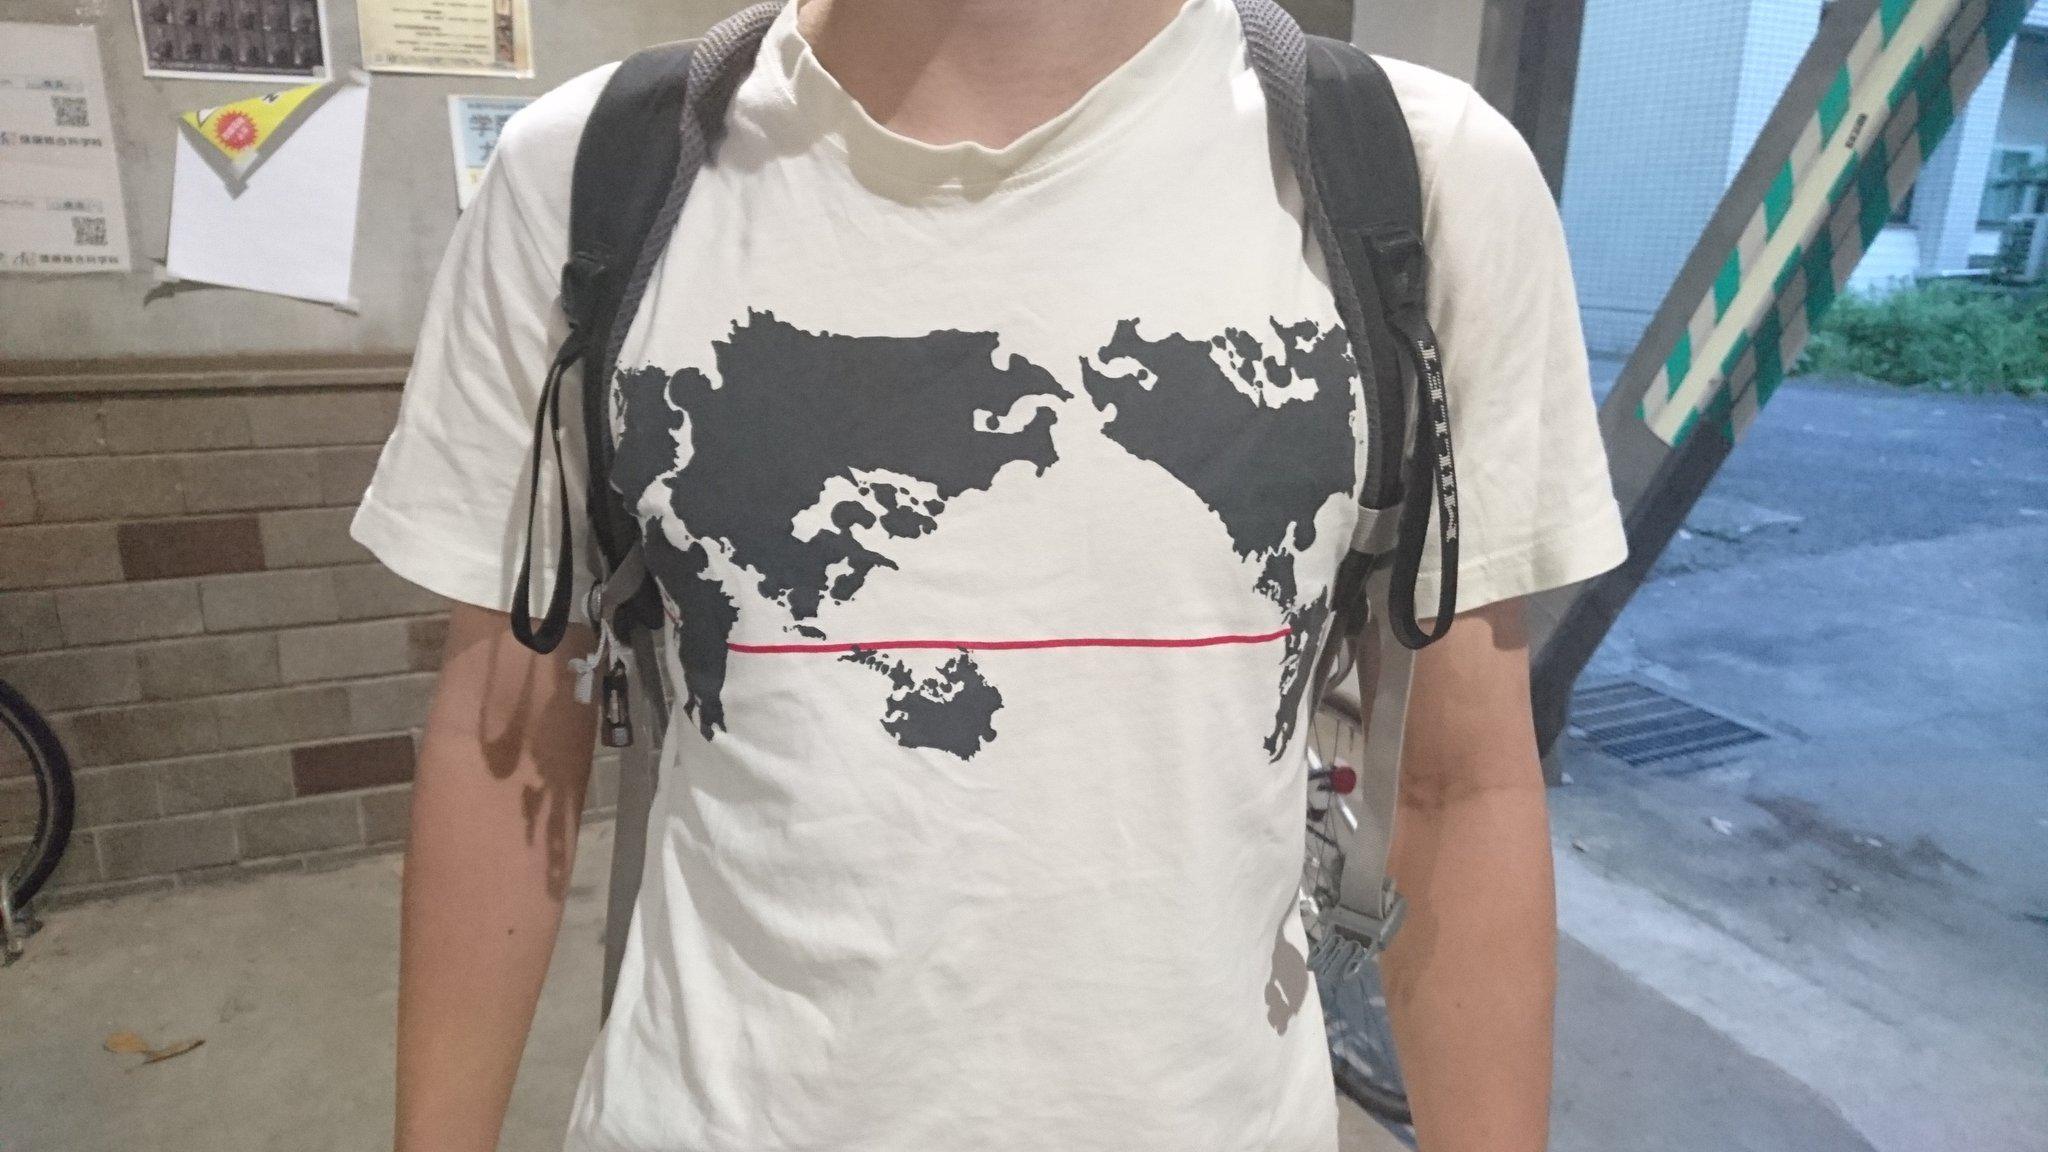 九州愛にあふれています。全部九州でできているTシャツの世界観がすごい!